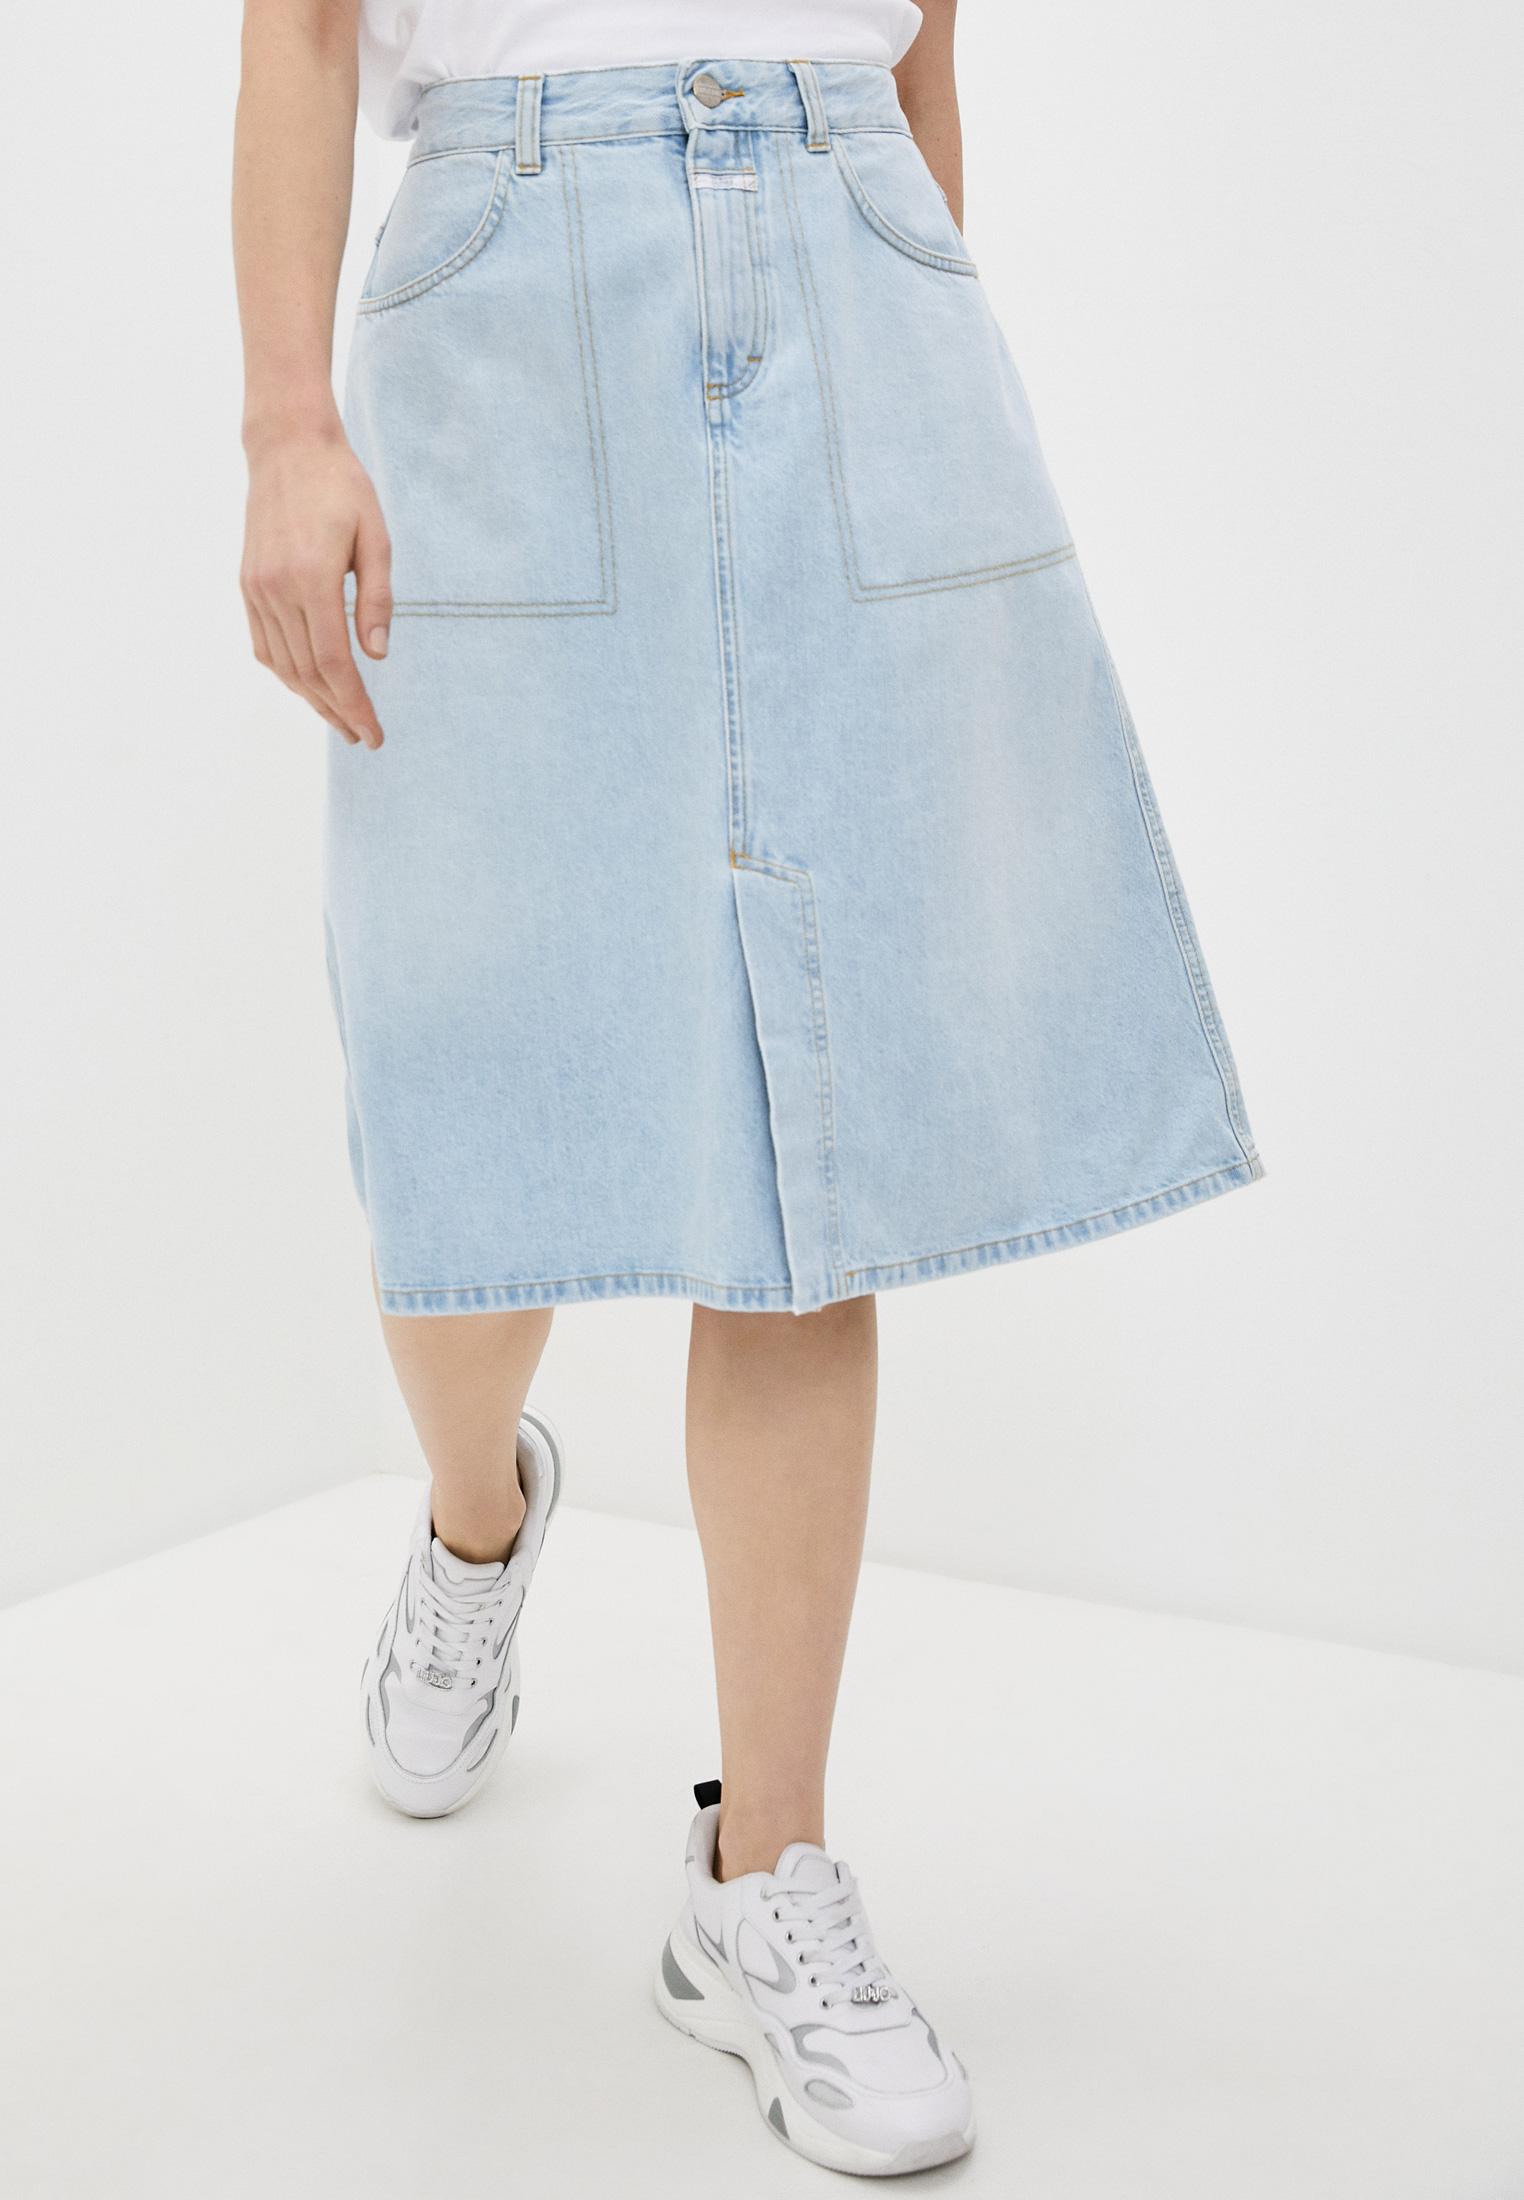 Джинсовая юбка Closed Юбка джинсовая Closed